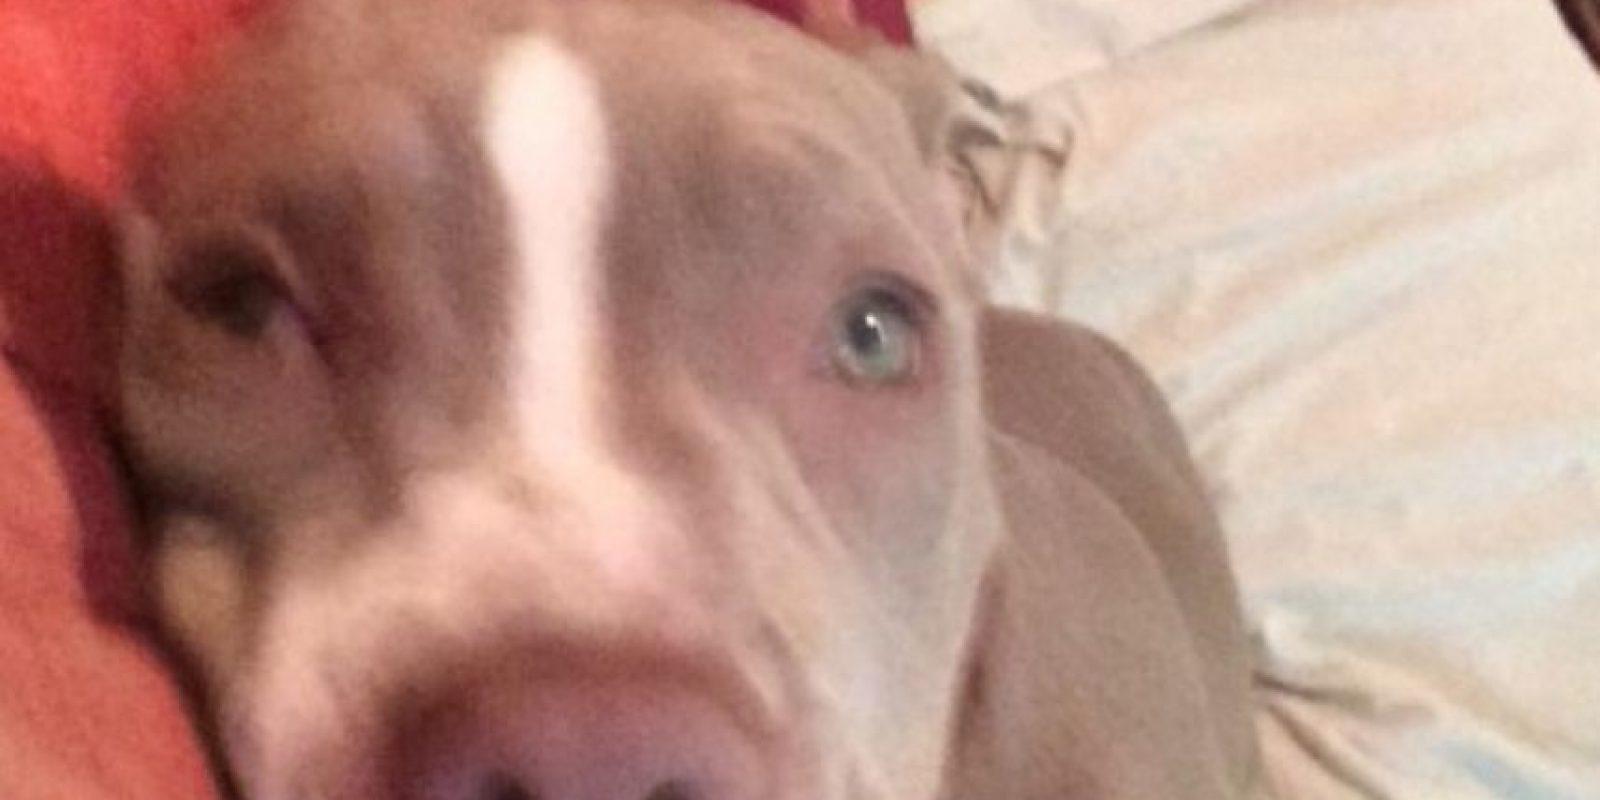 Si un pitbull es agresivo con perros, morderá a humanos: falso. Los perros saben distinguir entre razas y especies. Foto:Flickr